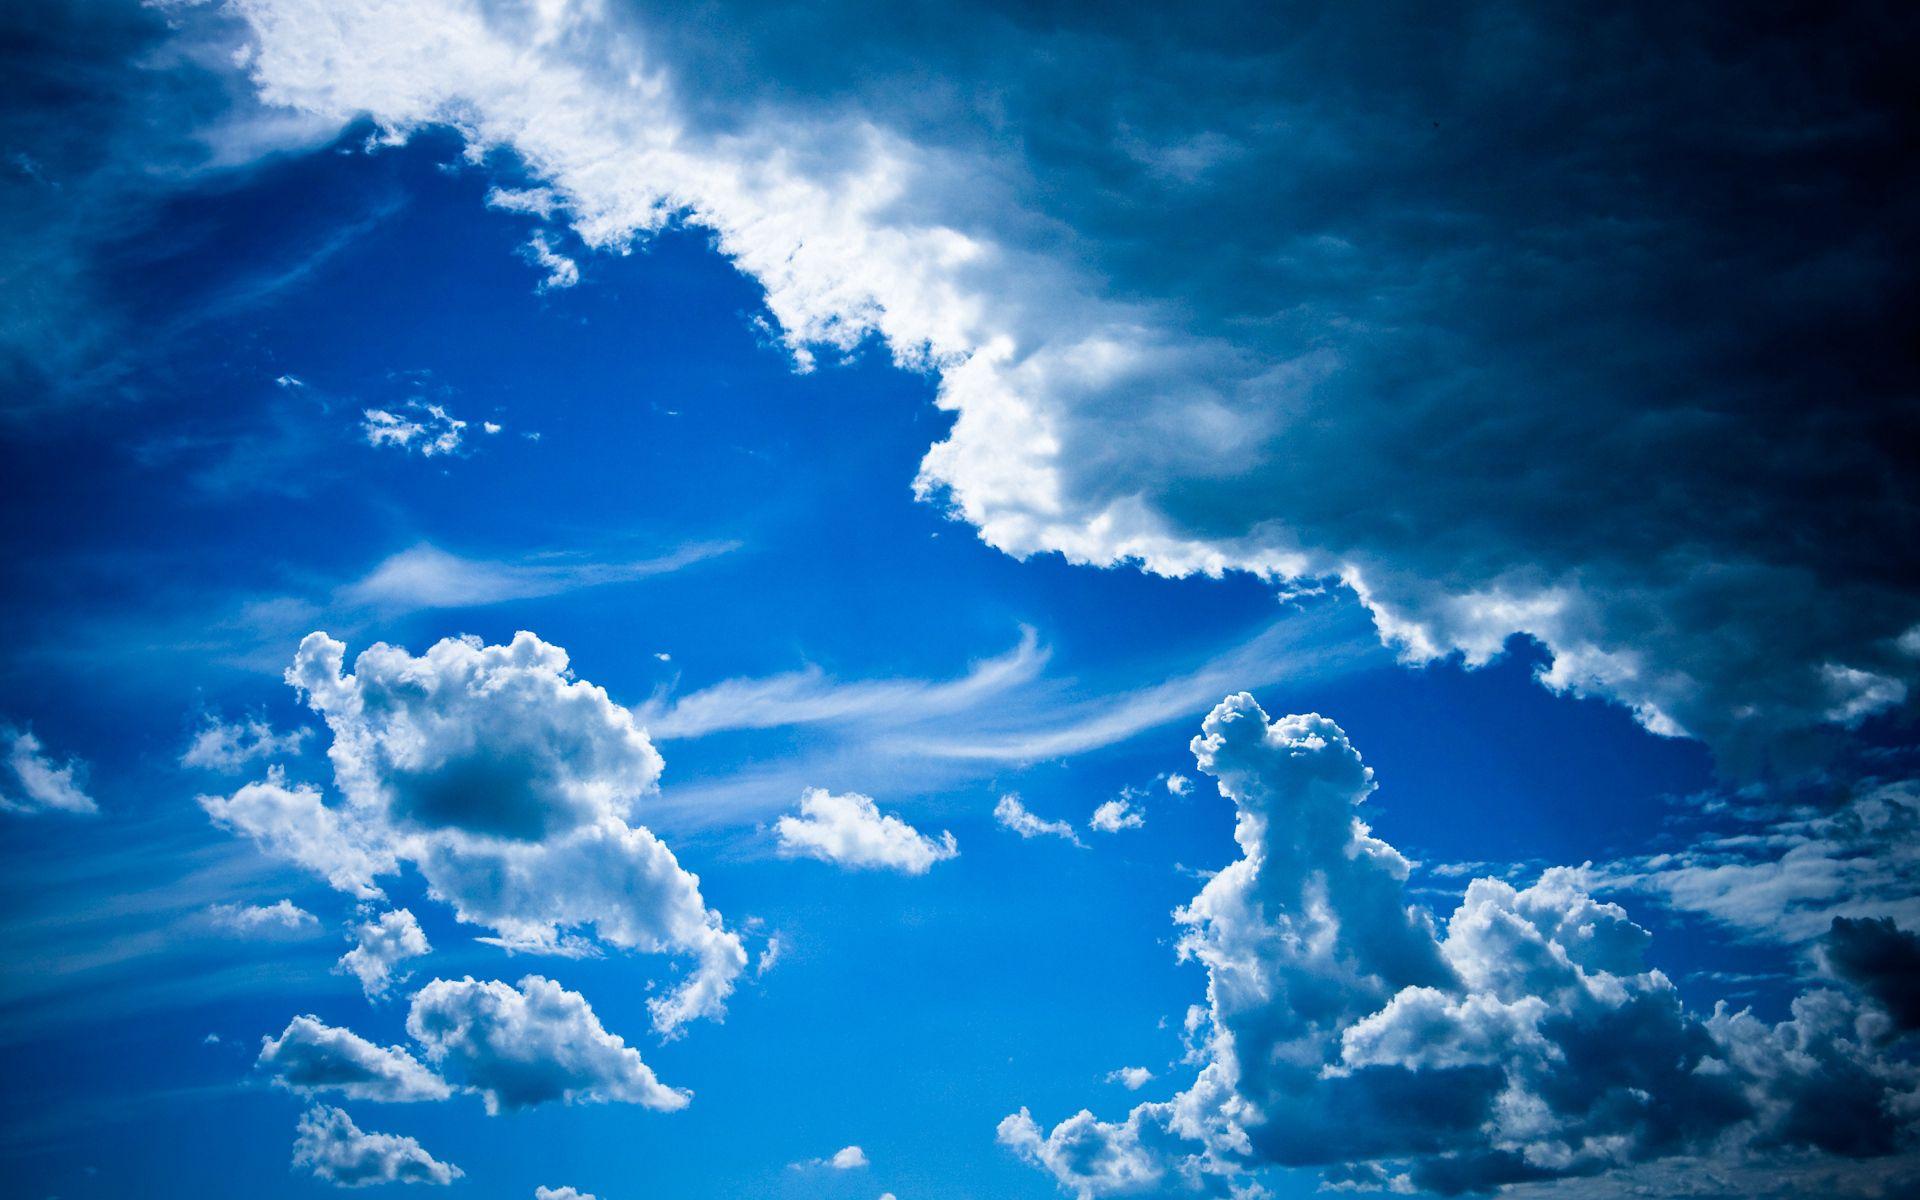 58676 скачать обои Узоры, Природа, Небо, Облака, Объем, Легкость, Голубое, Воздушные Массы - заставки и картинки бесплатно